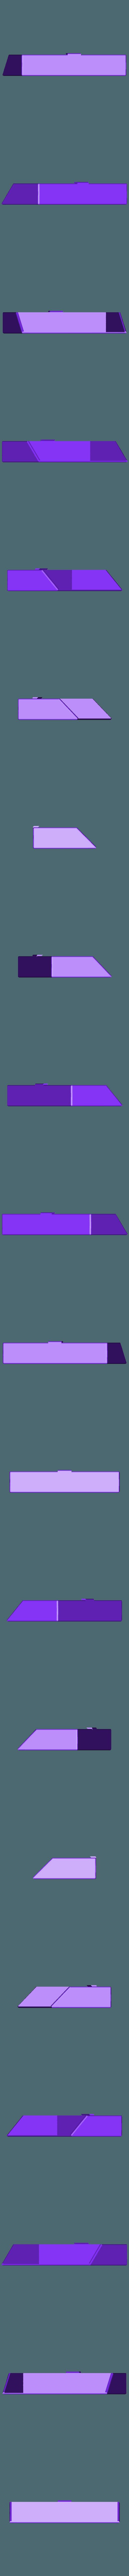 Dsk.stl Download free STL file Cover for PanelDue 5i mount • Design to 3D print, Dsk